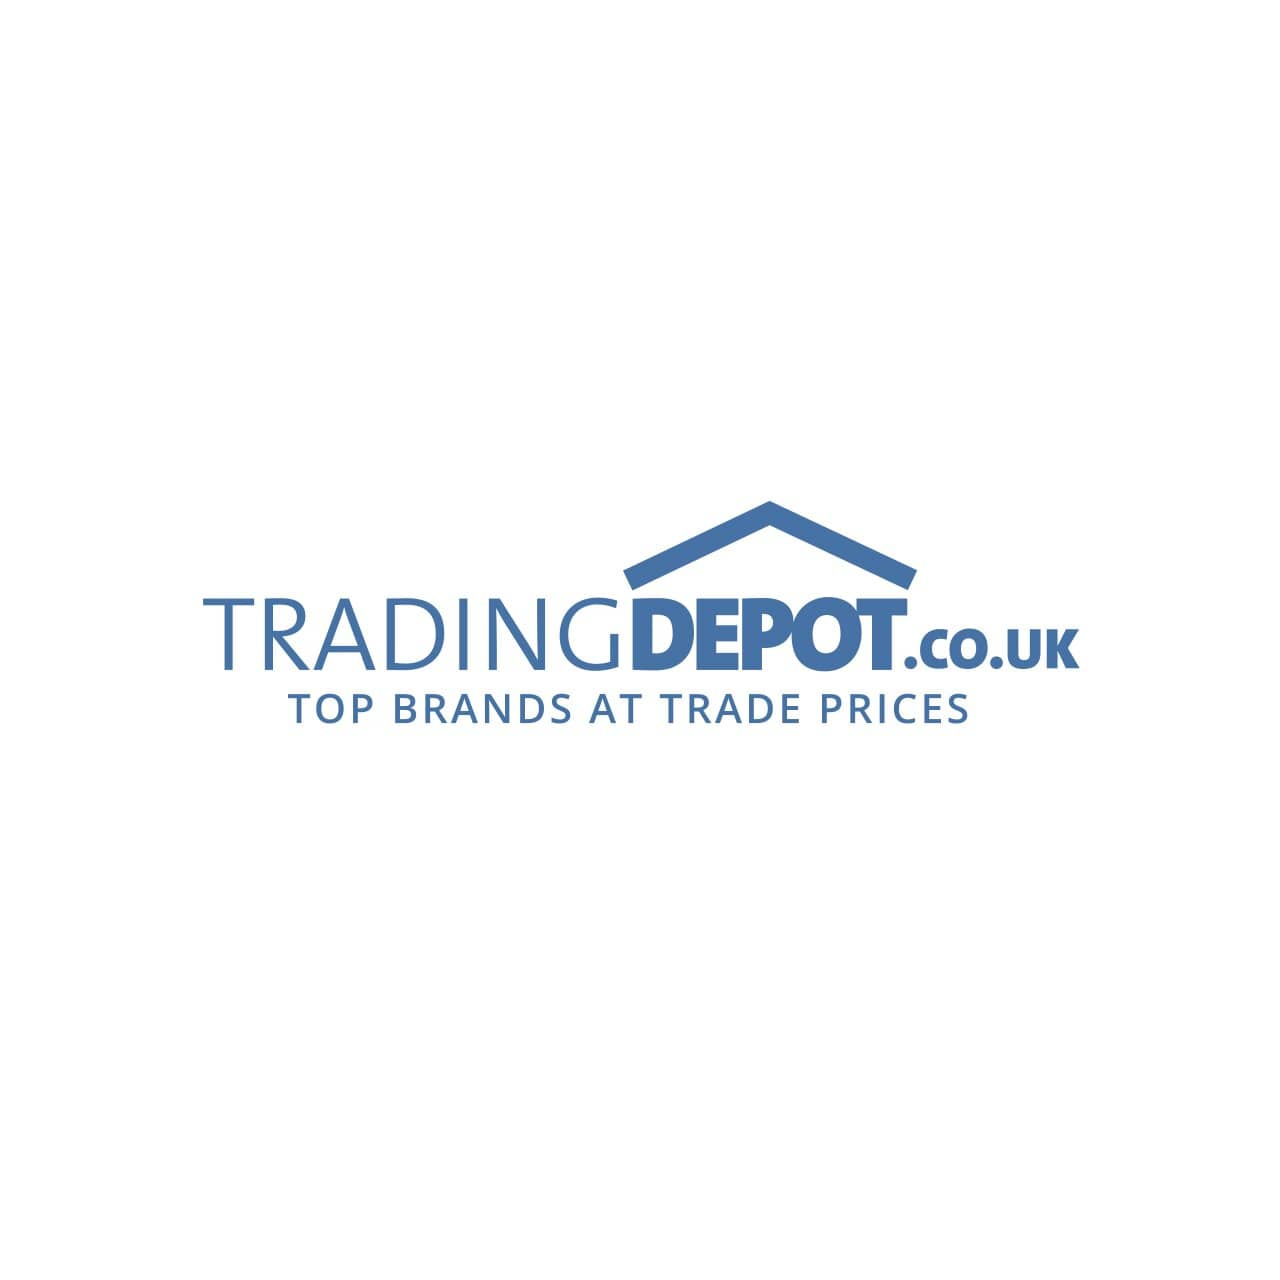 DEWALT DWS5100 Dual Port Ripping Fence for DCS577 300mm - DEWDWS5100